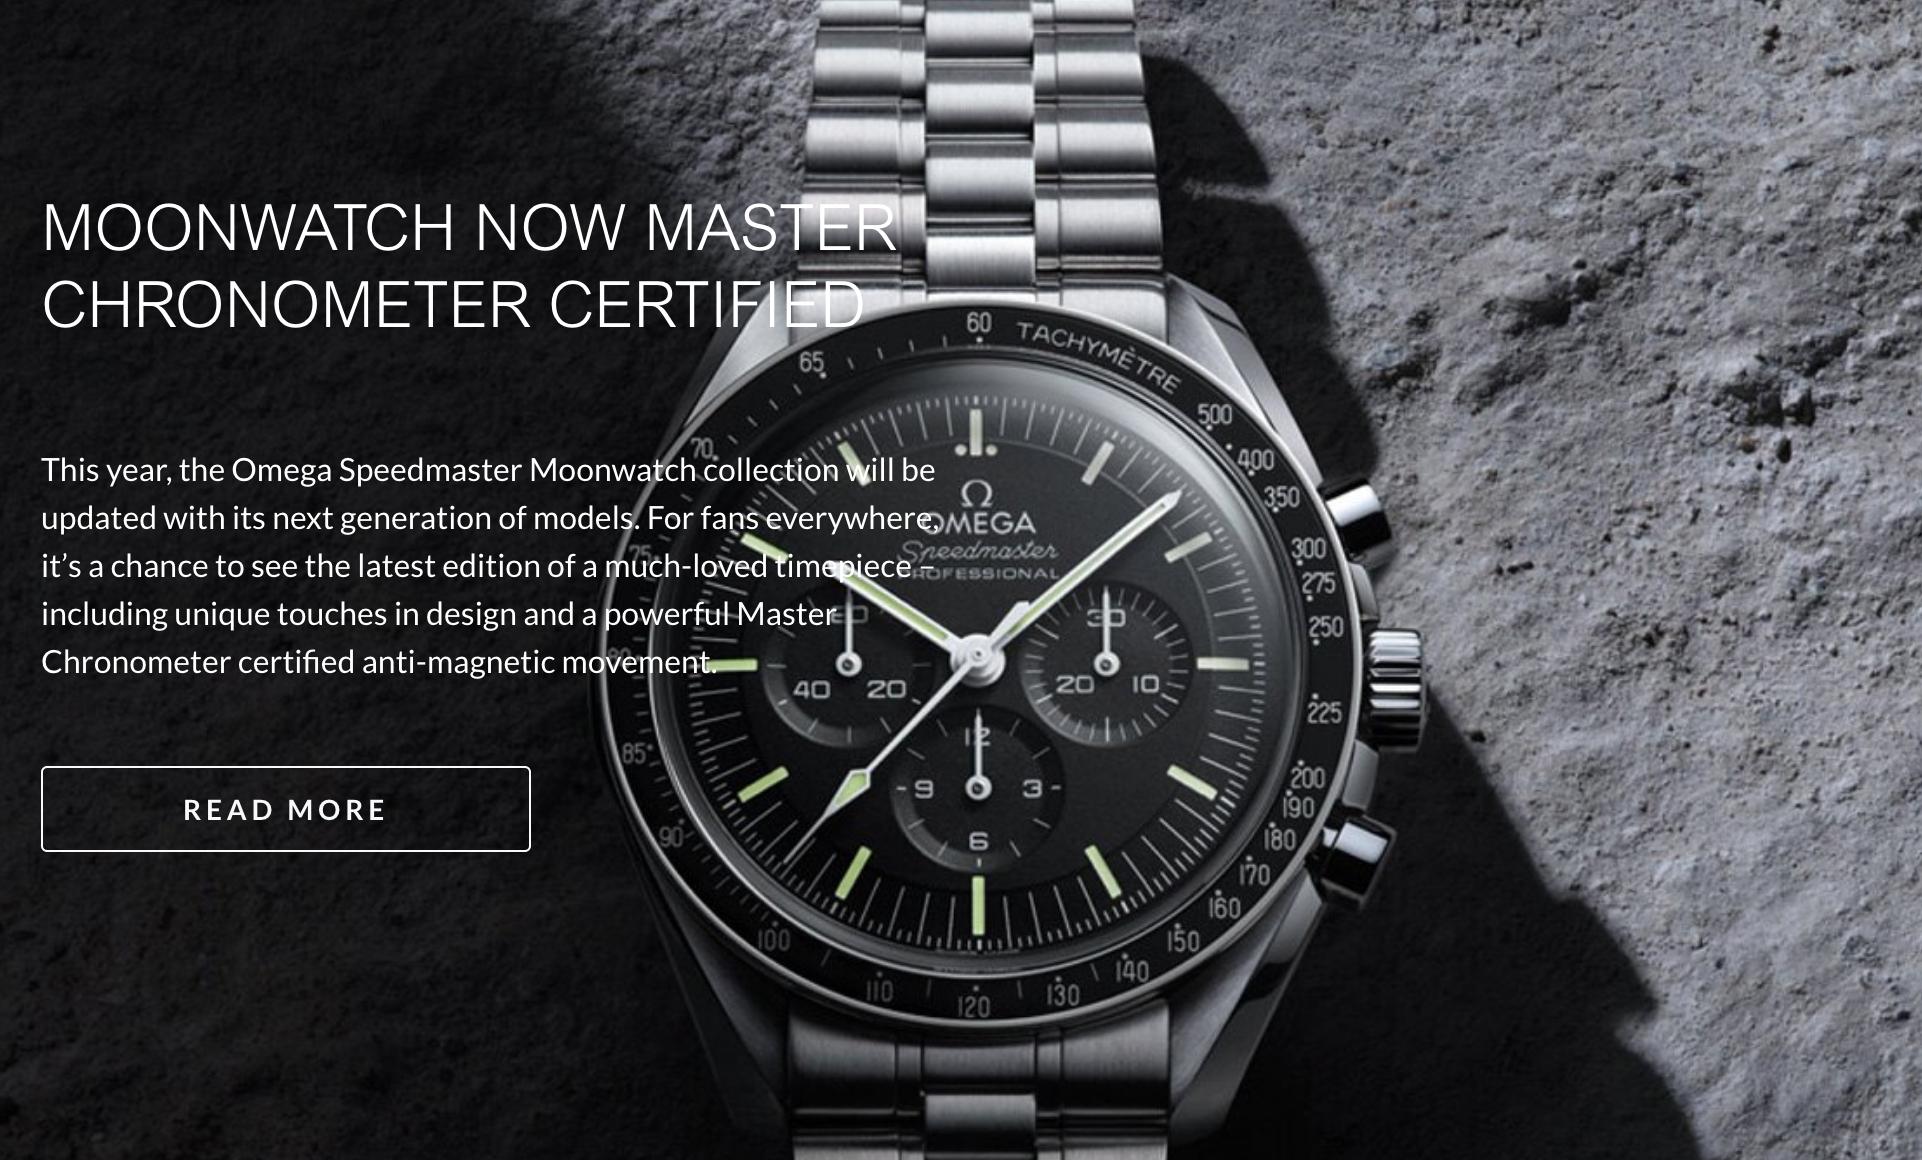 疫情打击下,瑞士制表业巨头 Swatch 集团自成立以来首次出现年度亏损